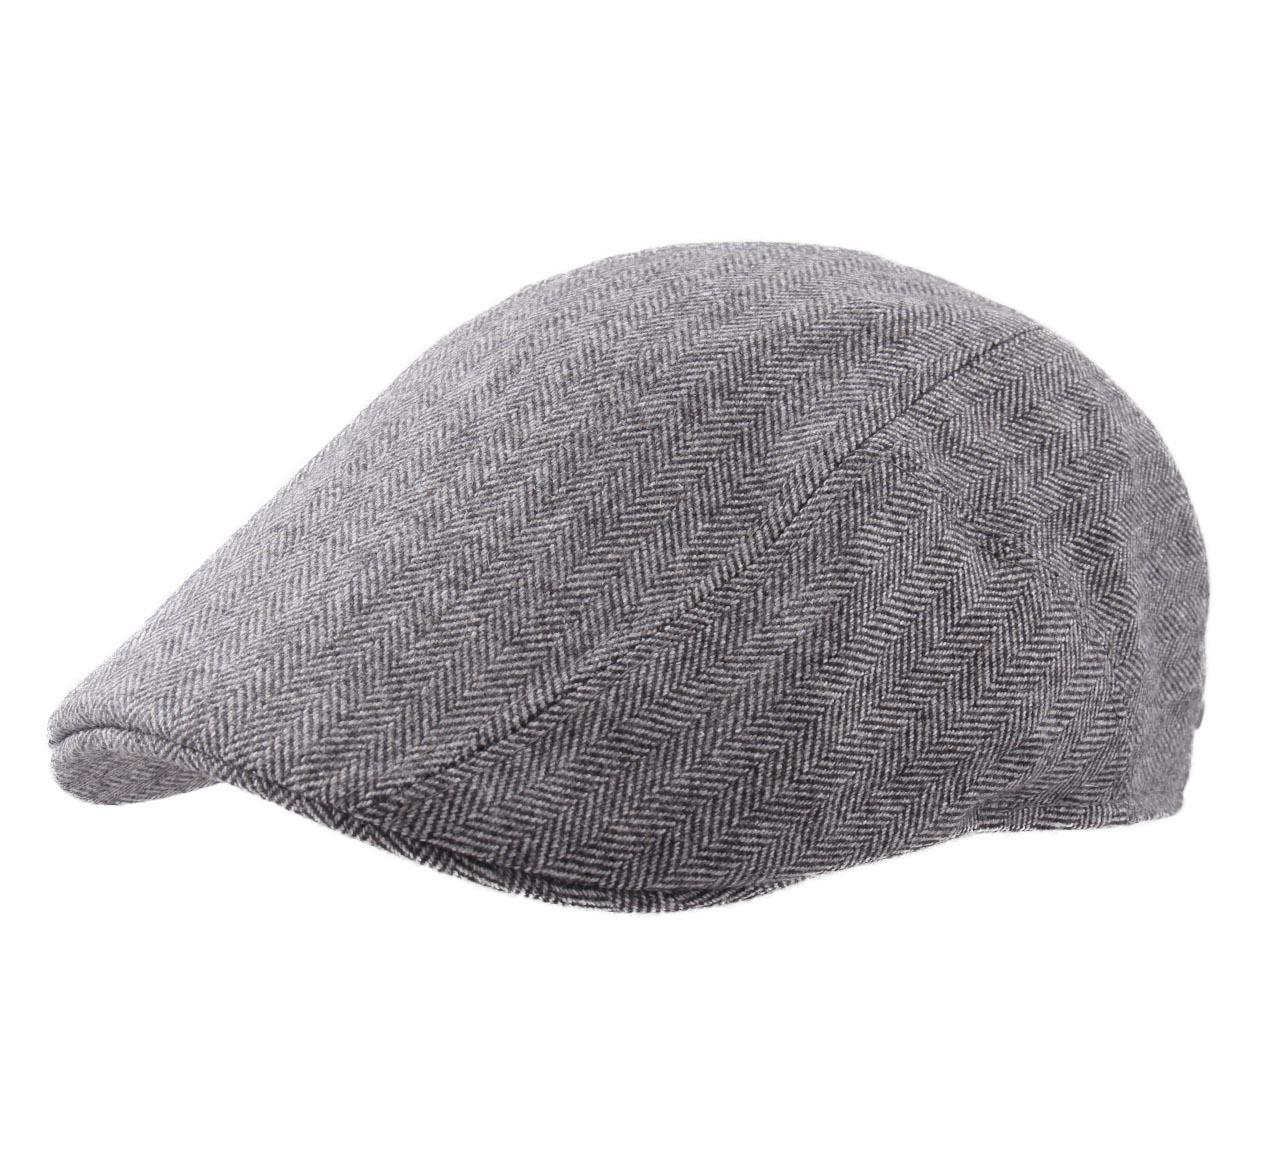 Beret-casquette-plate-homme-ou-femme-Ivy-Cap-Cashmere-gris-333